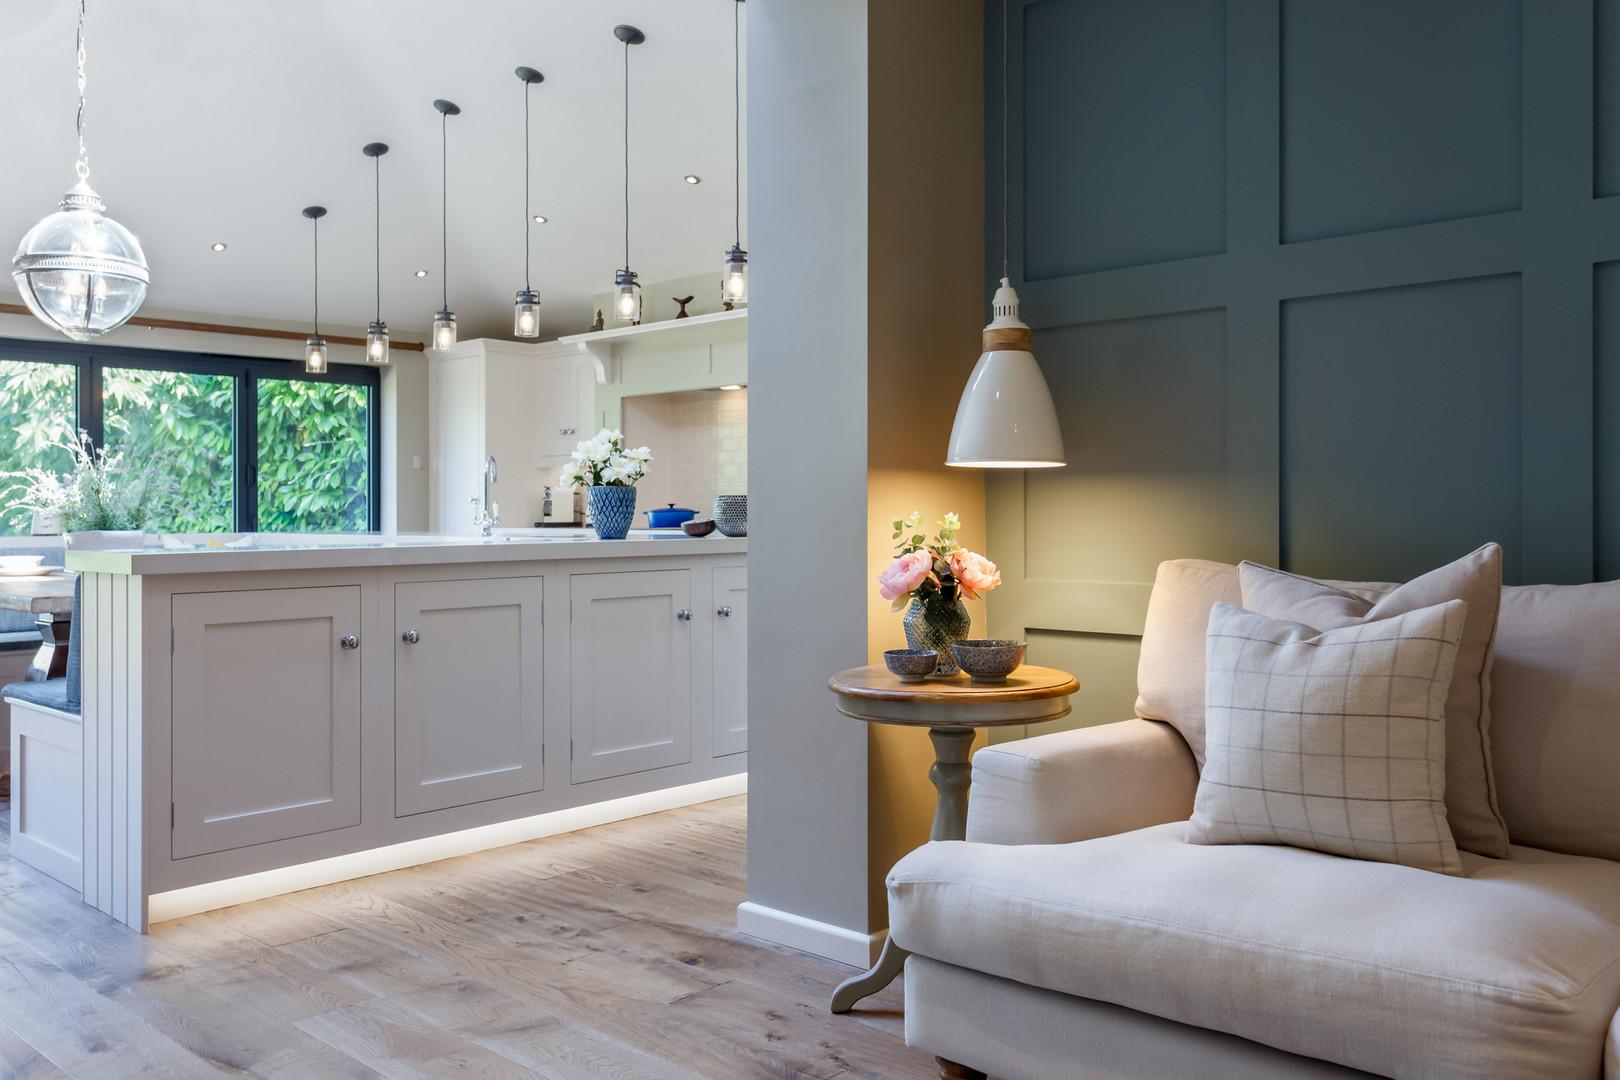 kitchen snug interior designer poole.jpg